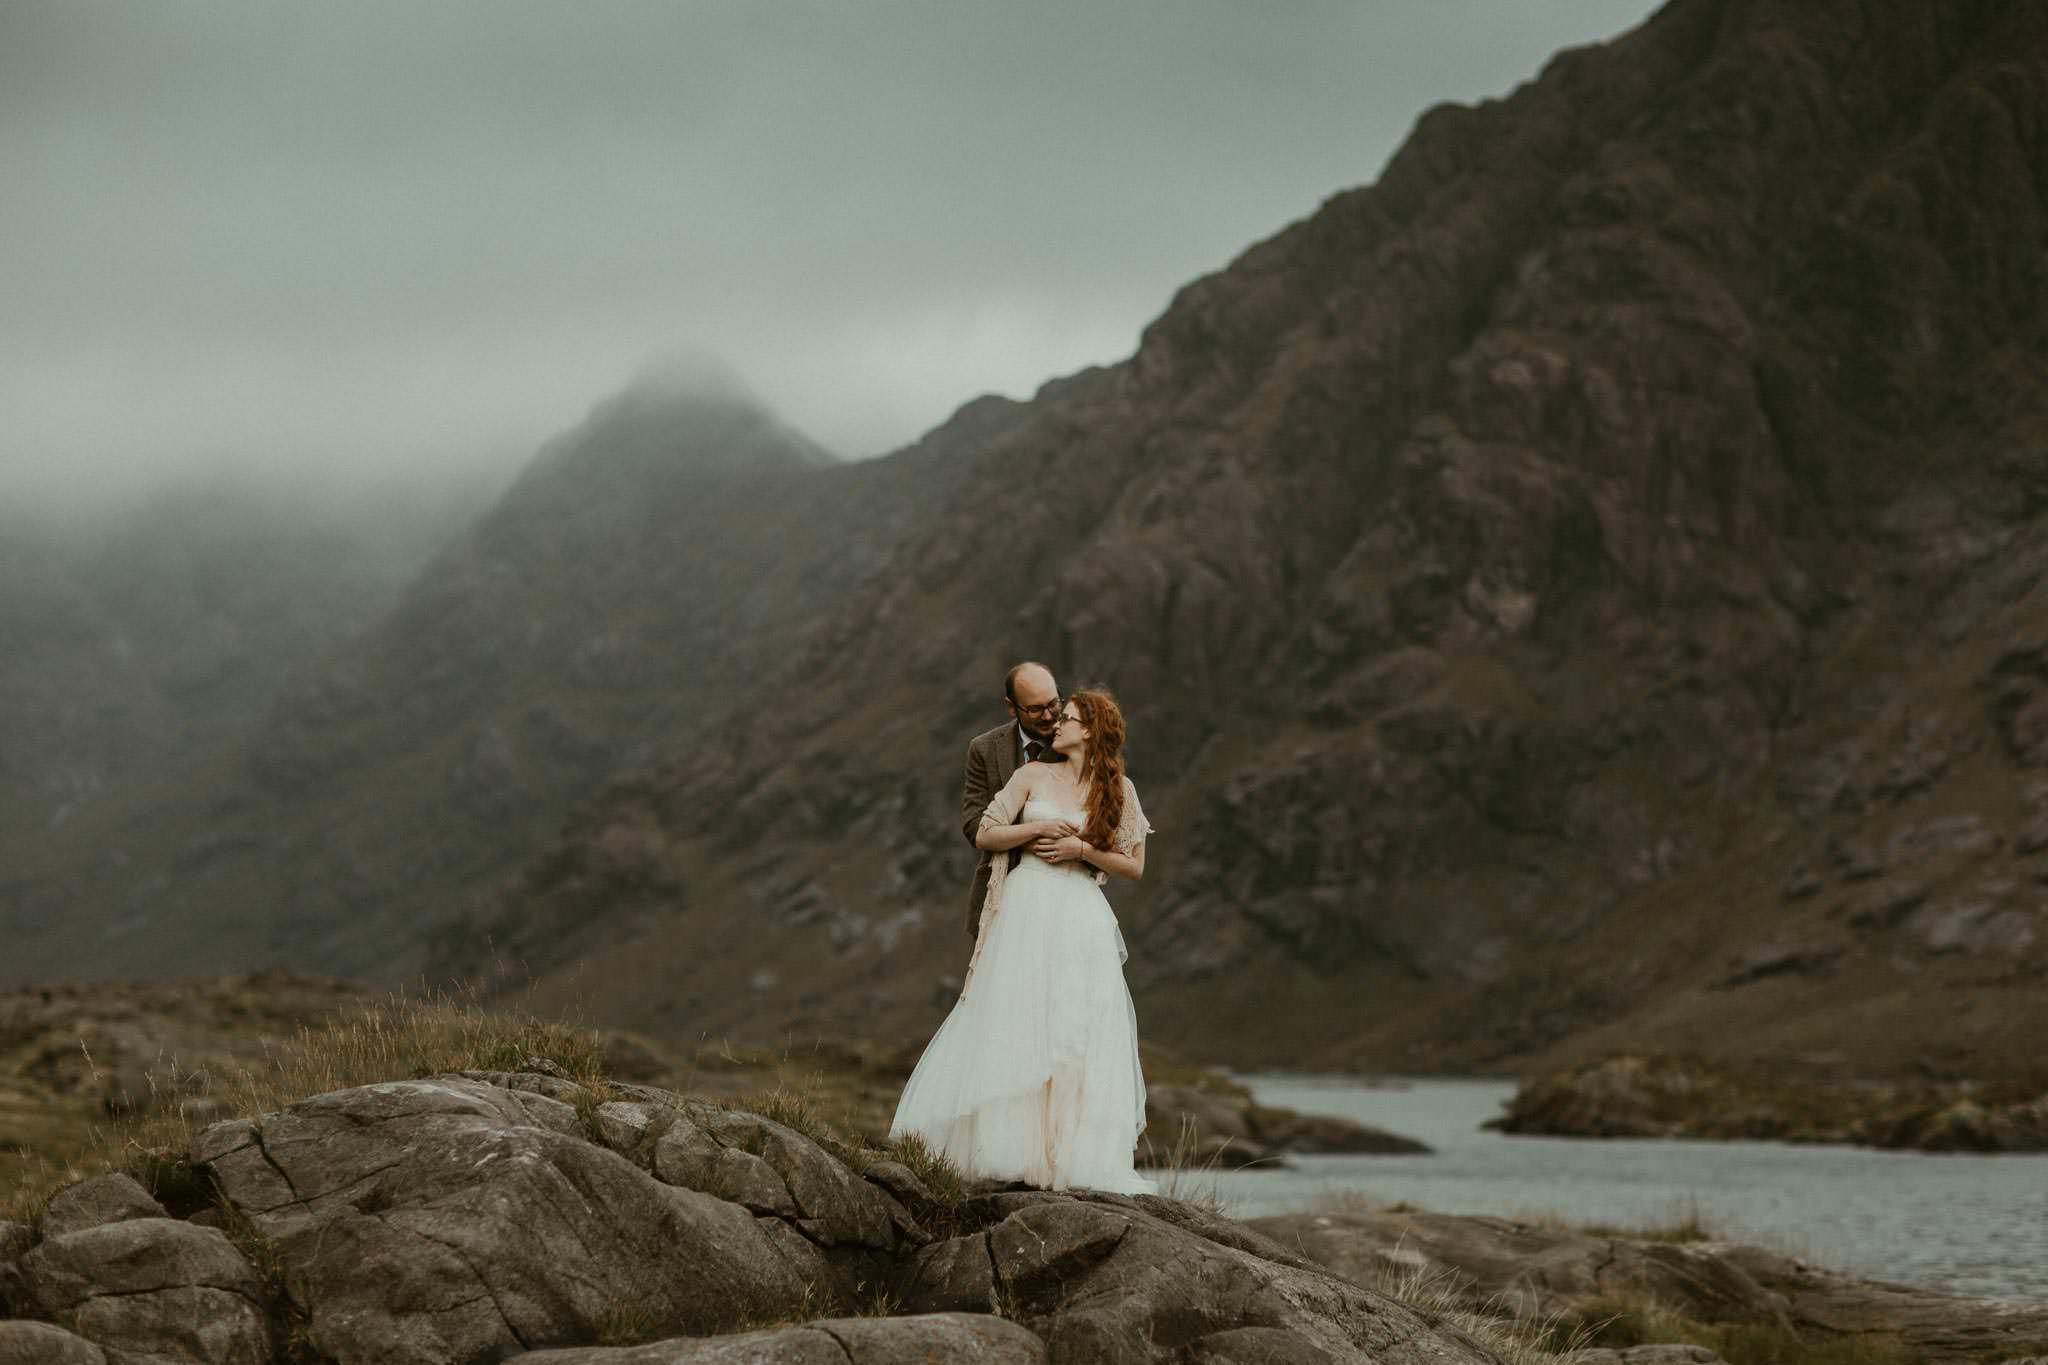 isle-of-skye-elopement-wedding-064